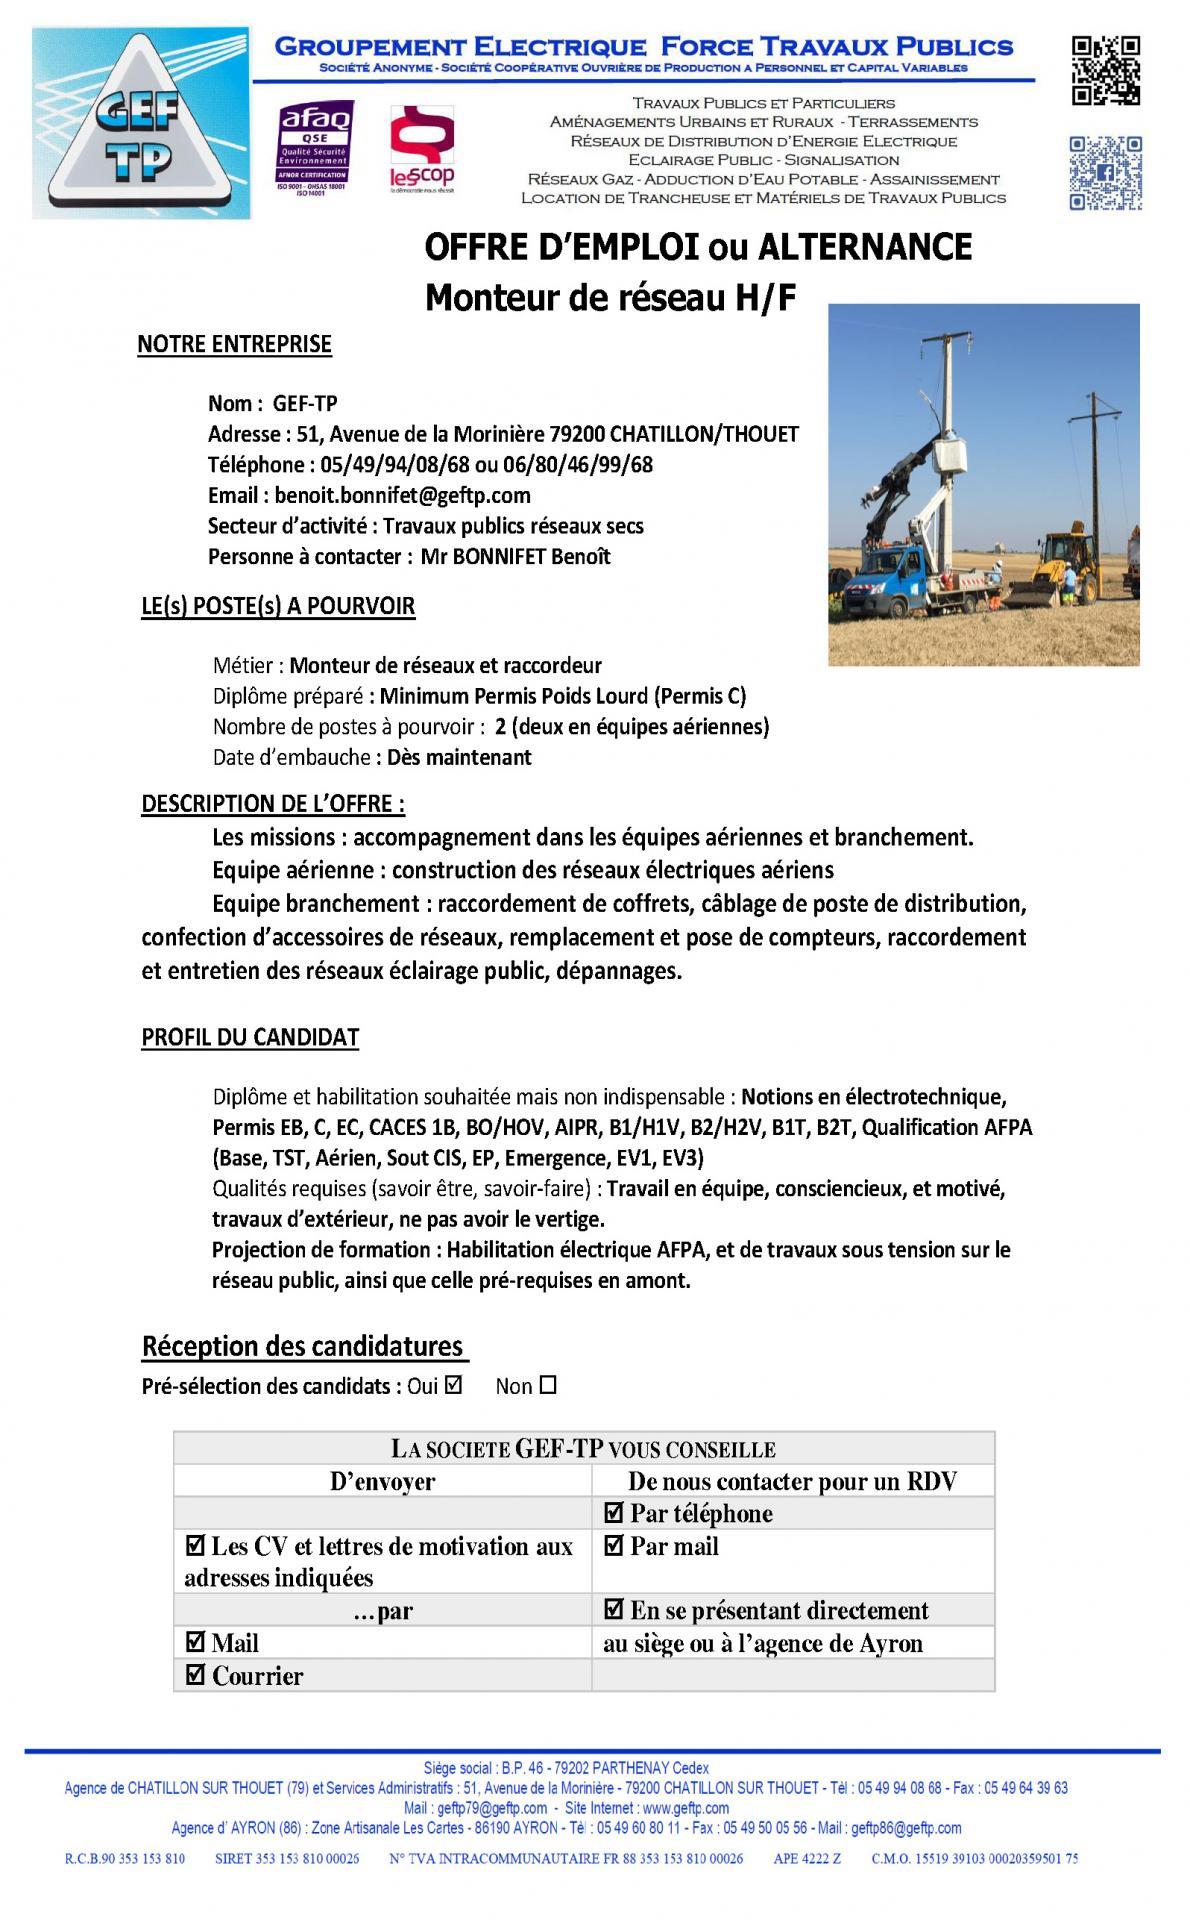 Offre d emploi monteur de reseau 1